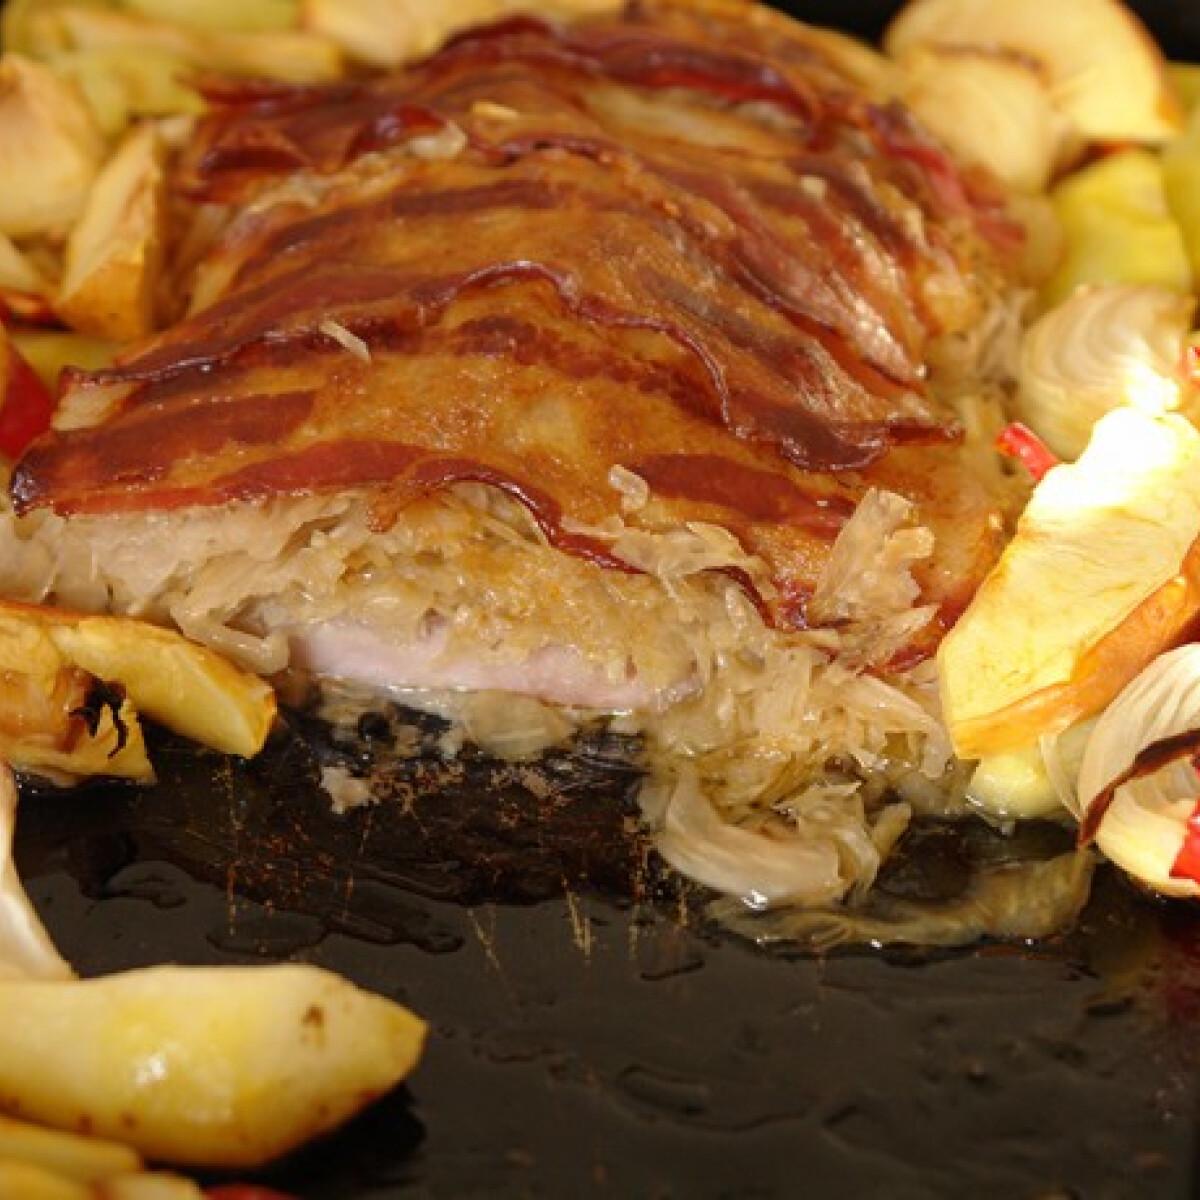 Ezen a képen: Karaj savanyú káposztával sütve, tepsiben